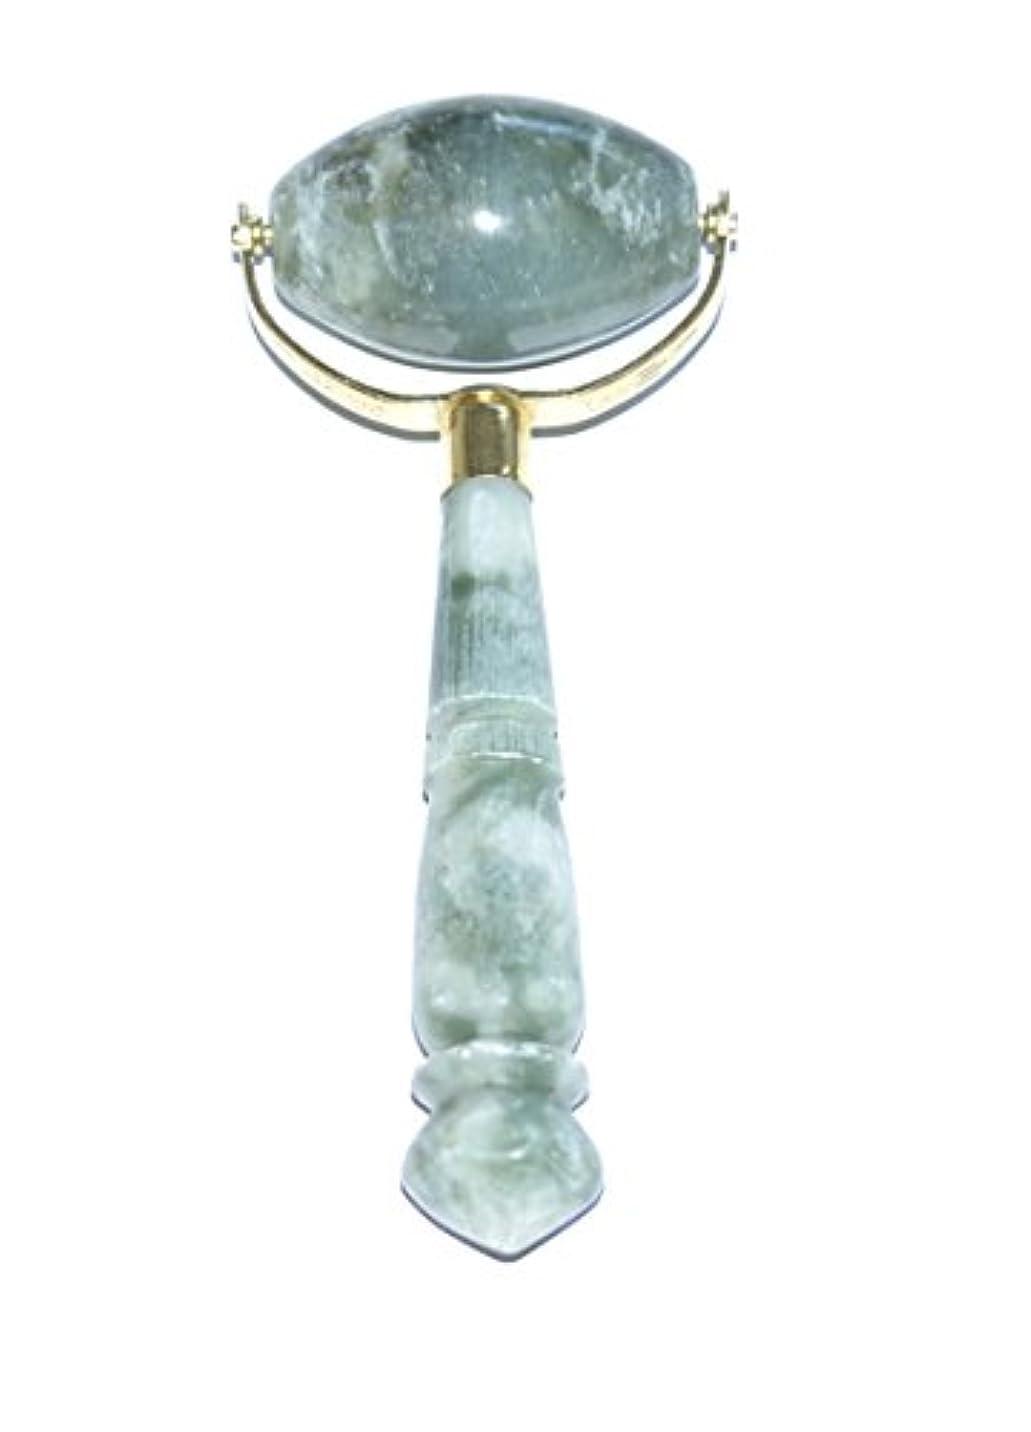 ハント修士号道に迷いましたEcho & Kern 翡翠フェイスローラー Durable Jade Stone Derma Roller